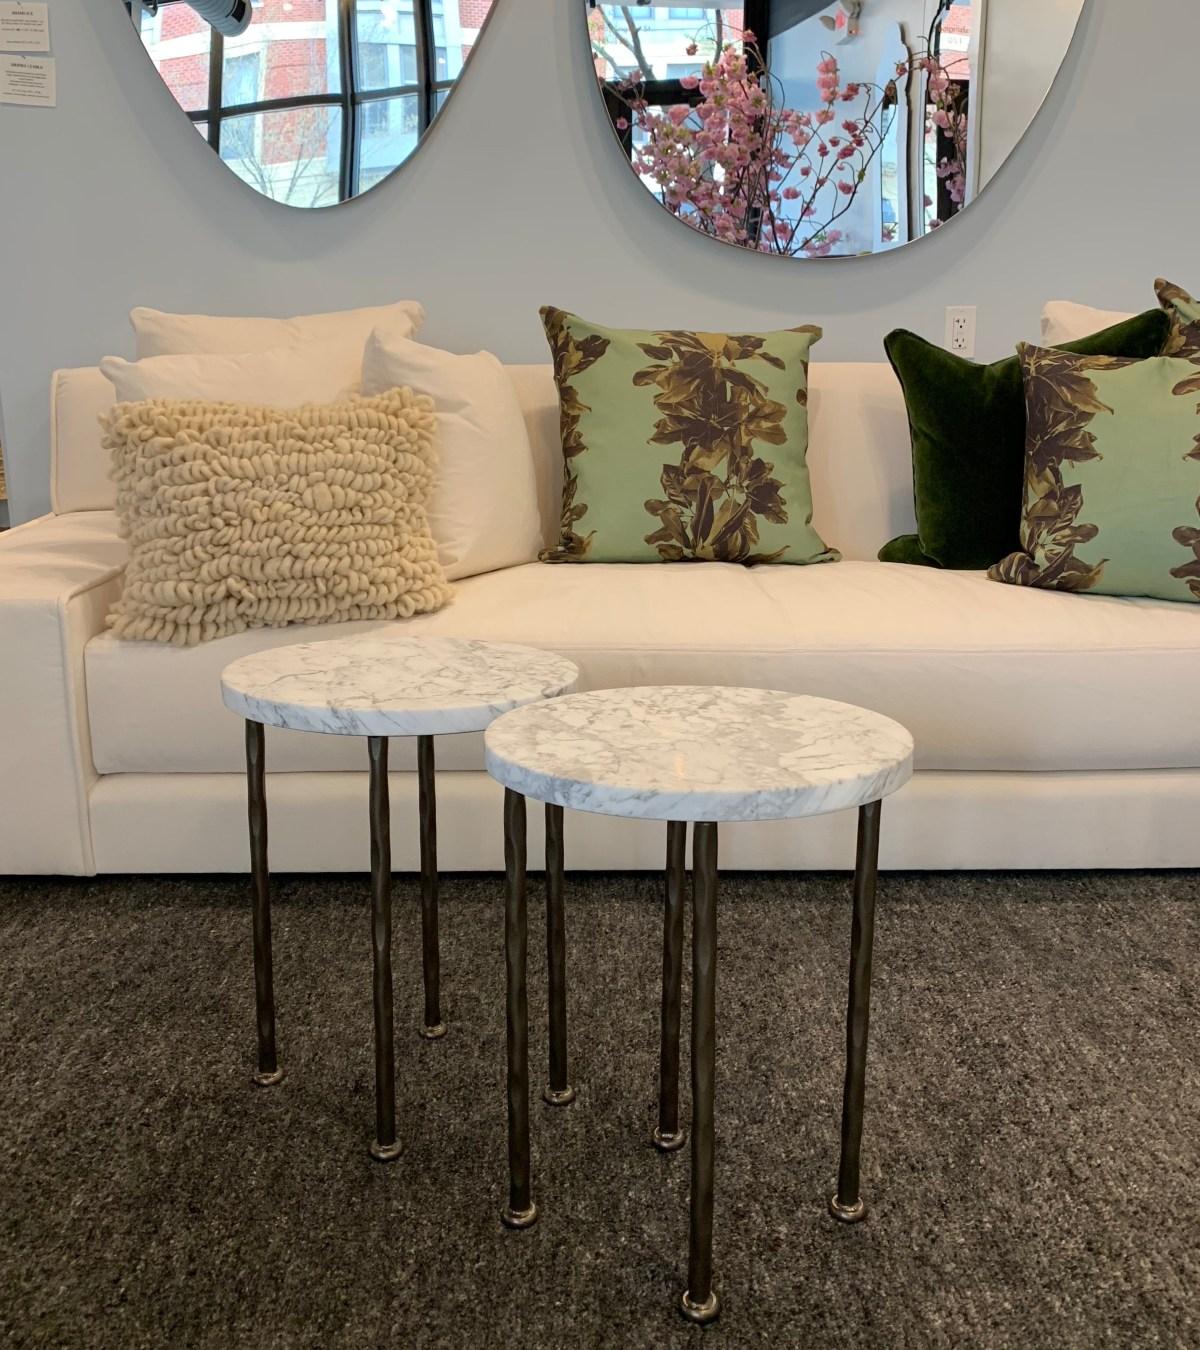 esme-xl sofa-uph porcelain cotton-magnolia pillows-verellen@artefact